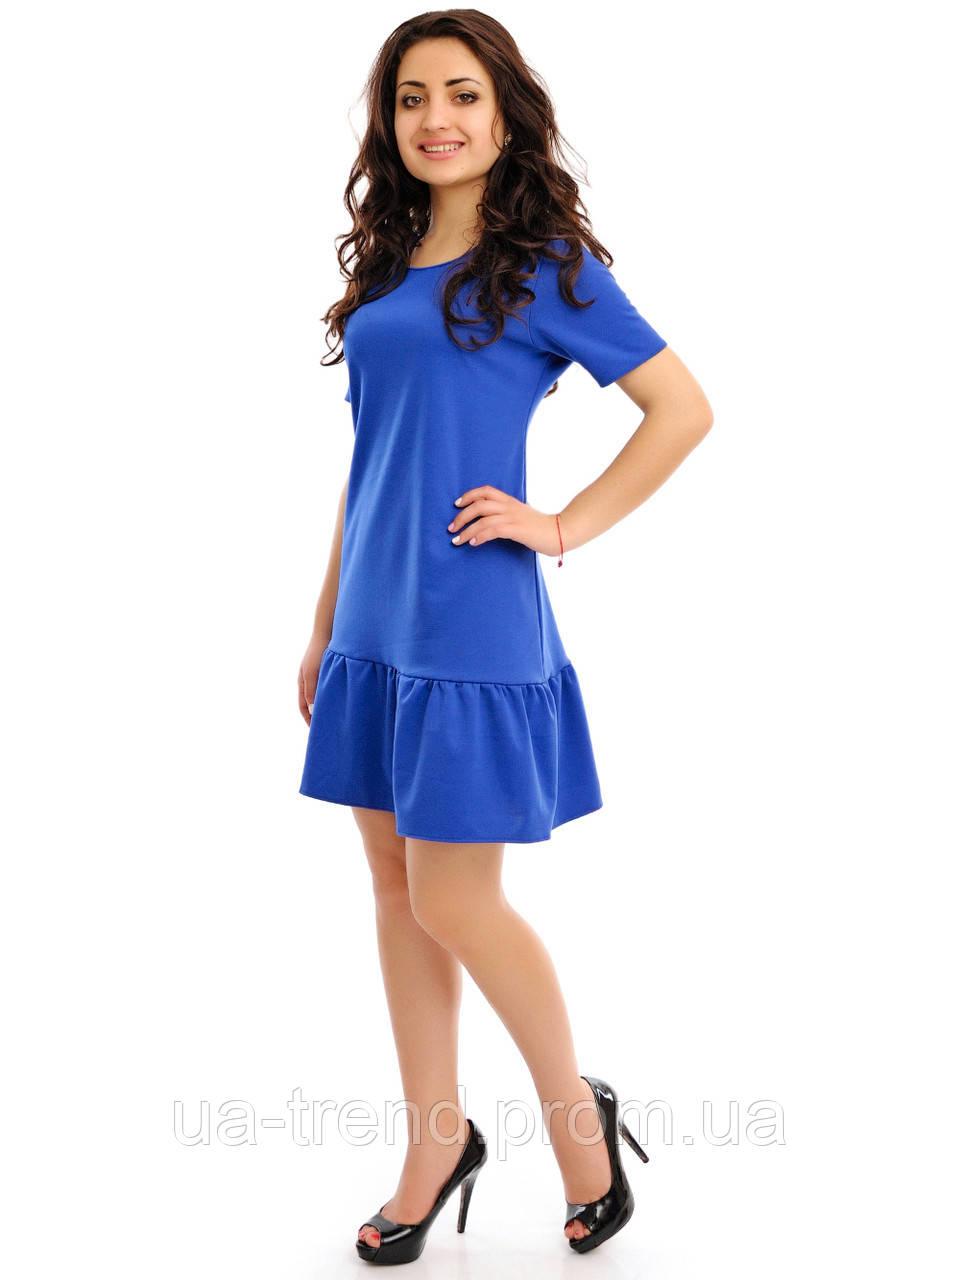 a5d3b6be6976811 Женское платье свободного кроя с воланом внизу синего цвета: продажа ...